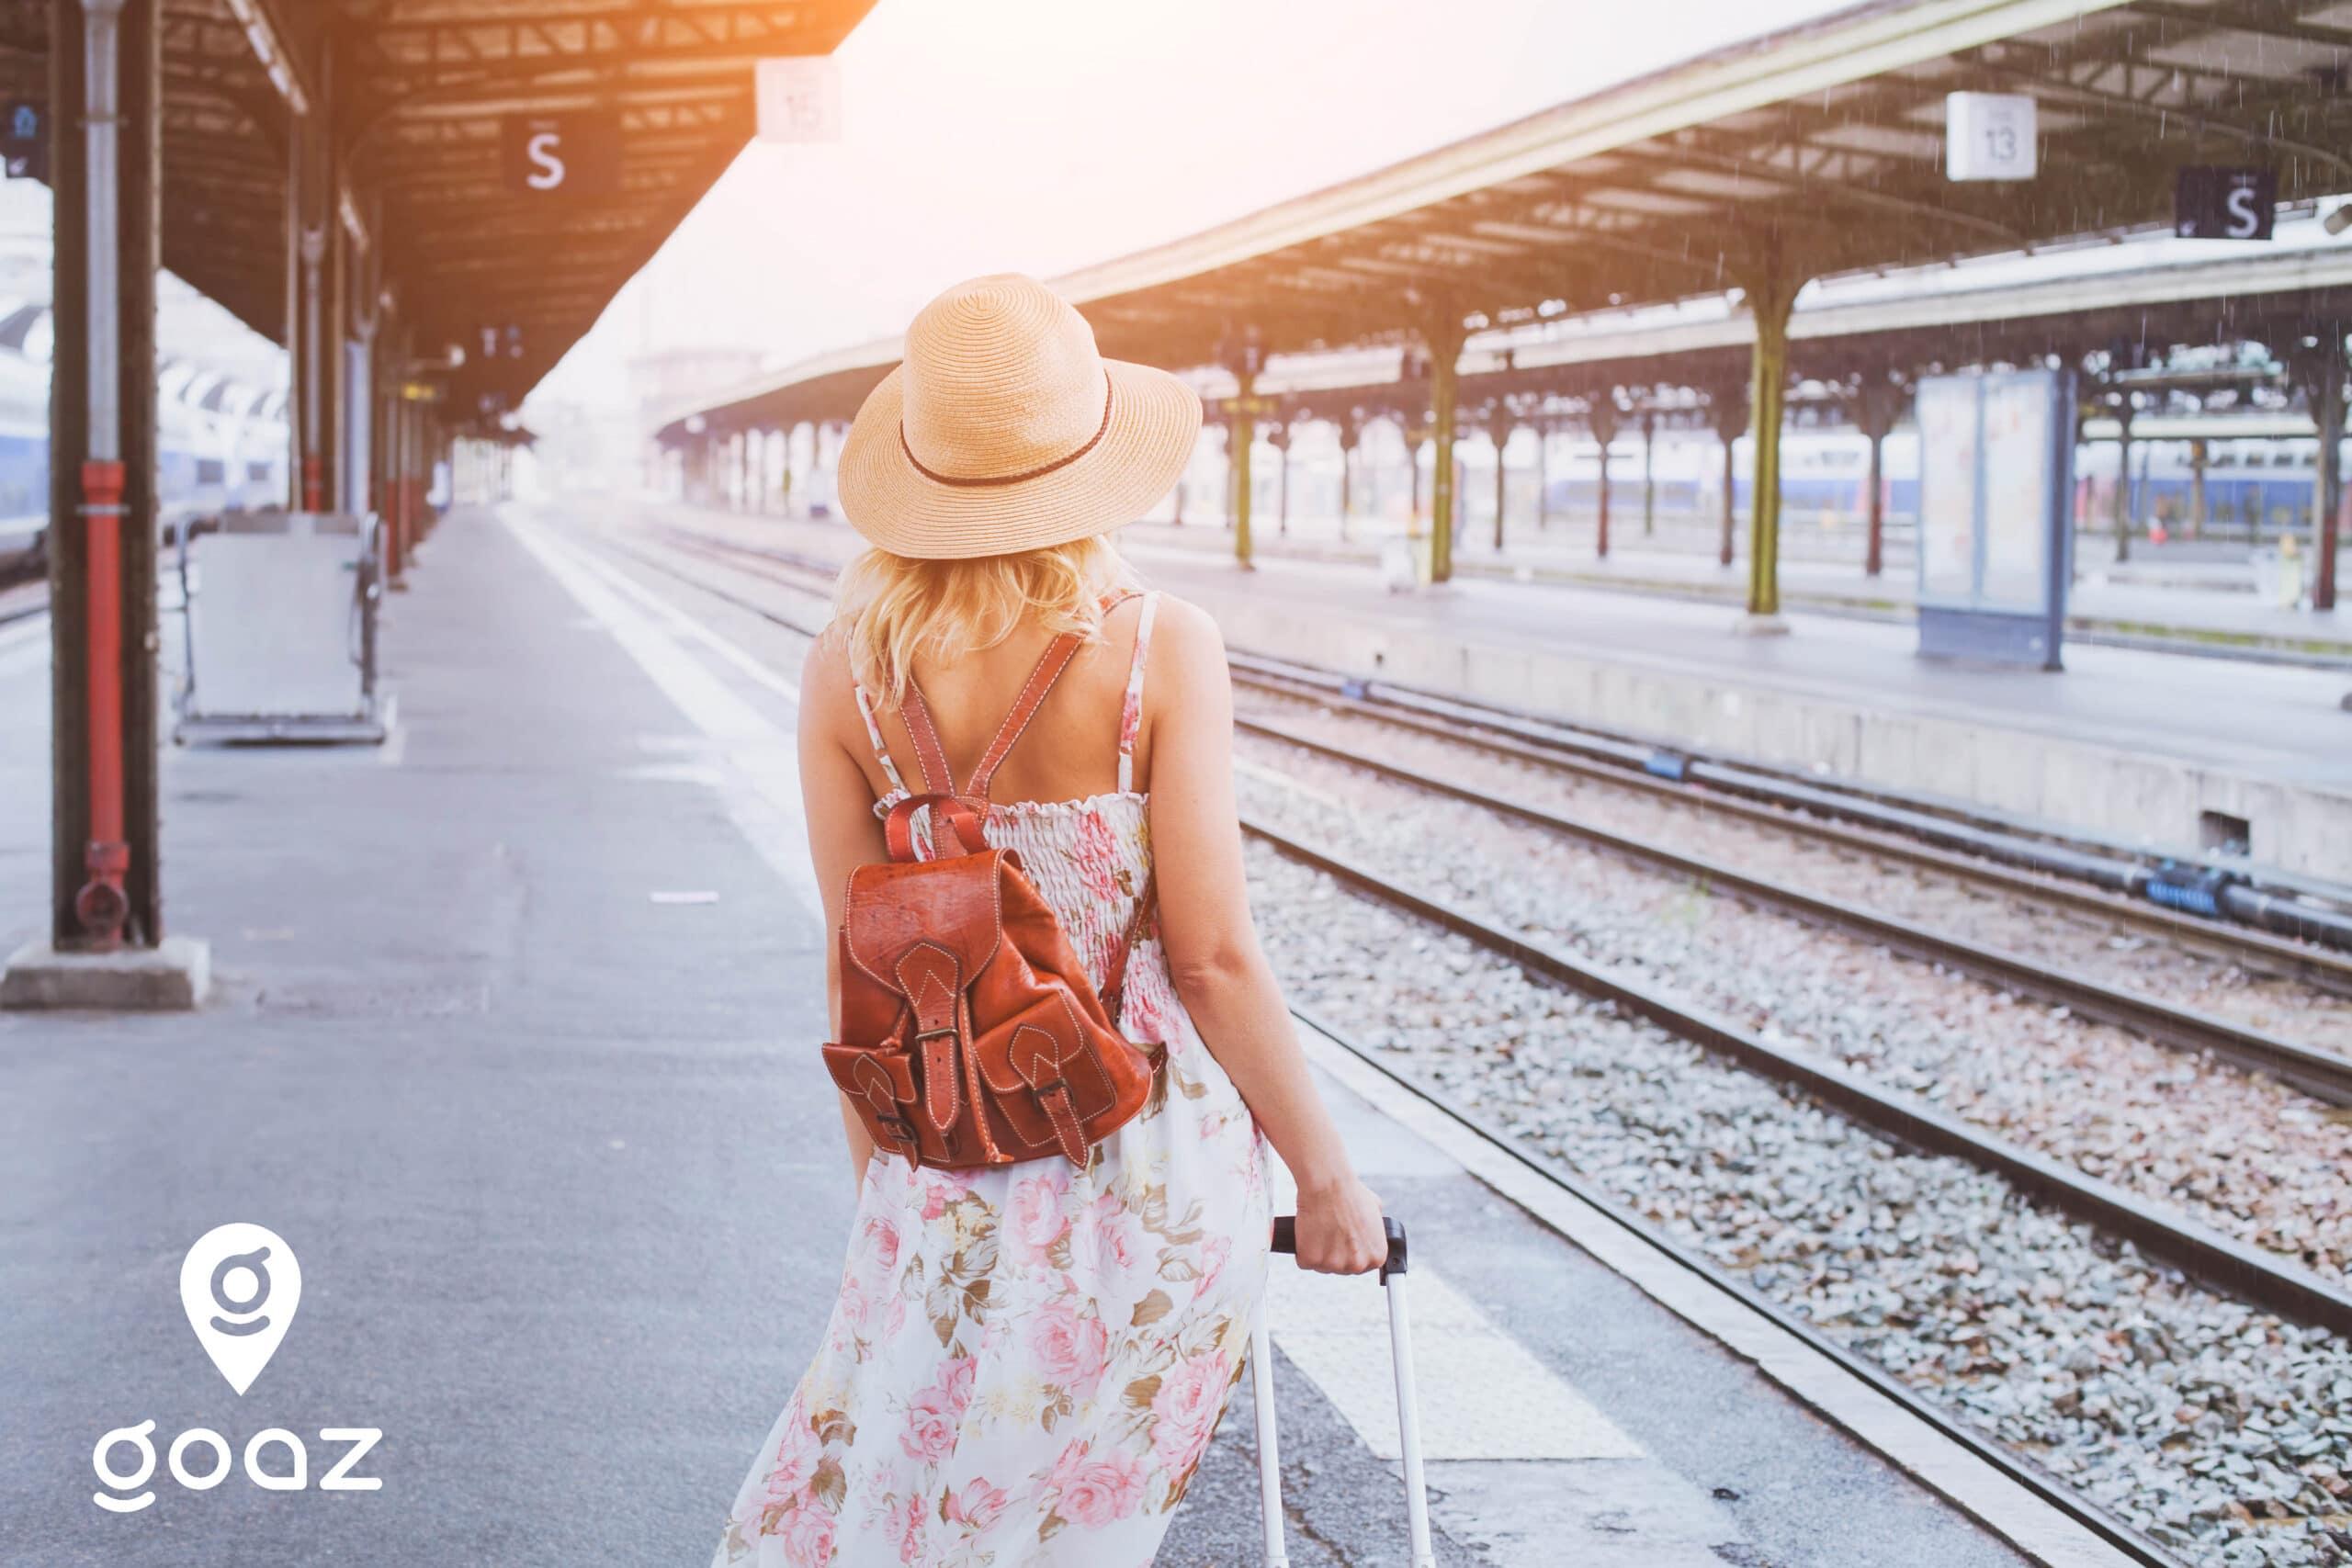 Goaz ofrece, de forma gratuita, guías inteligentes de viaje a sus usuarios